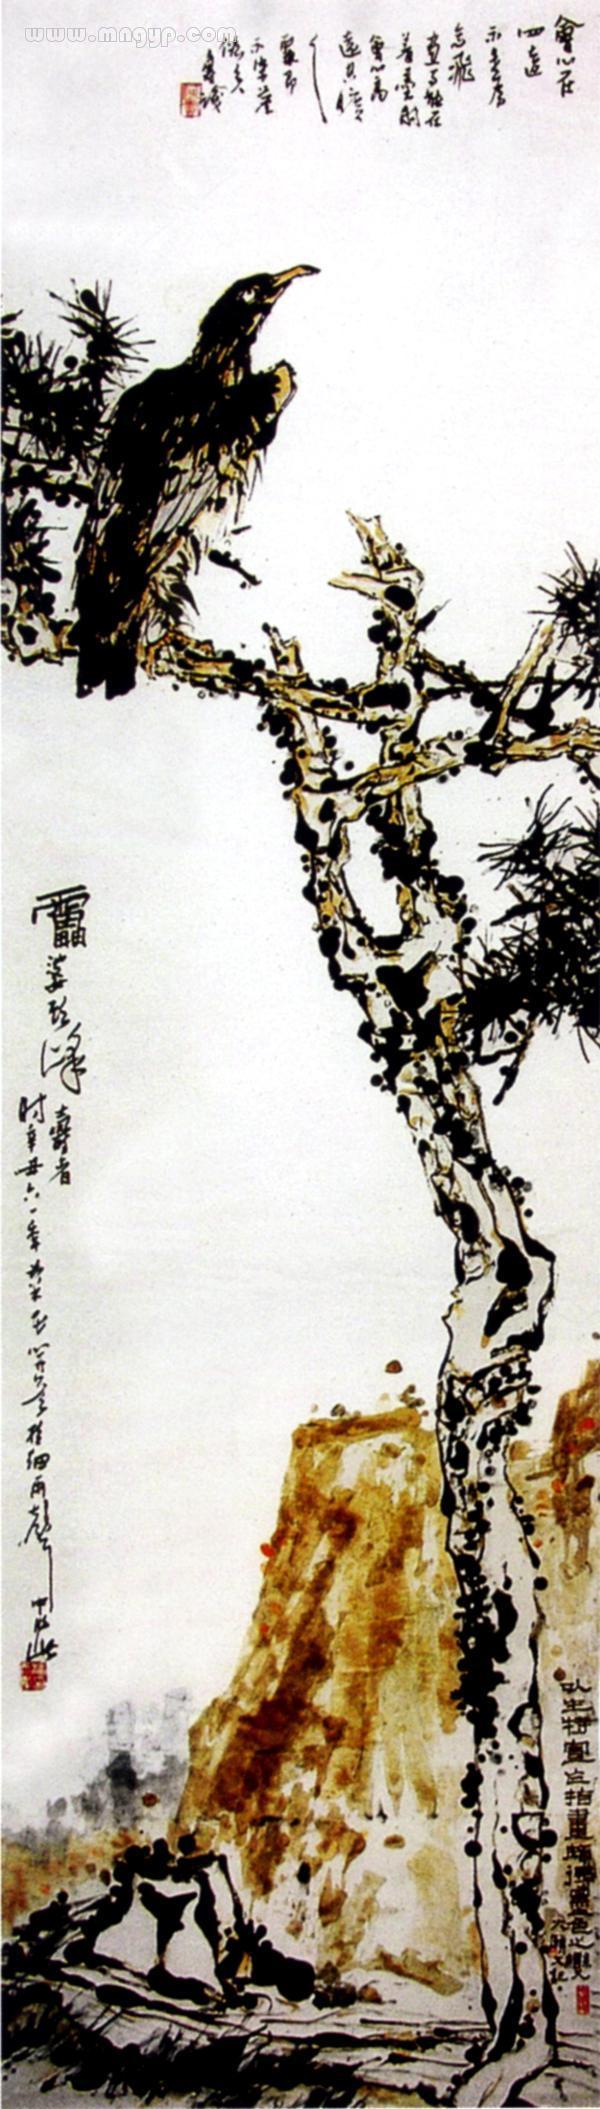 潘天寿作品_162957_图片_工艺品设计